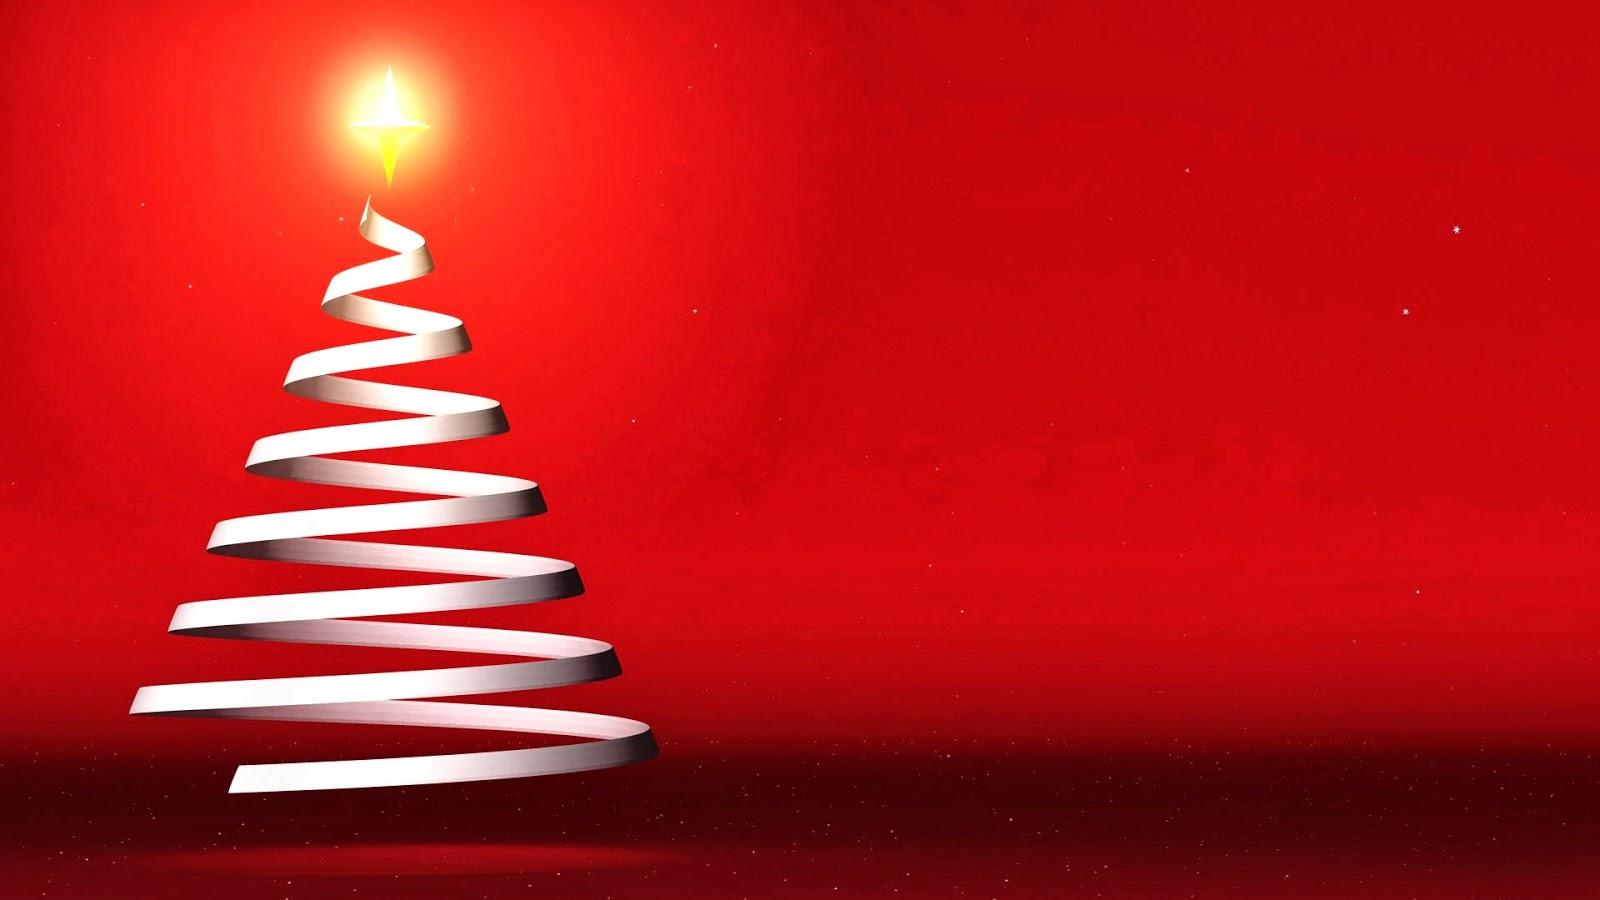 Imagenes Hilandy: Fondo De Pantalla Navidad Arbol De